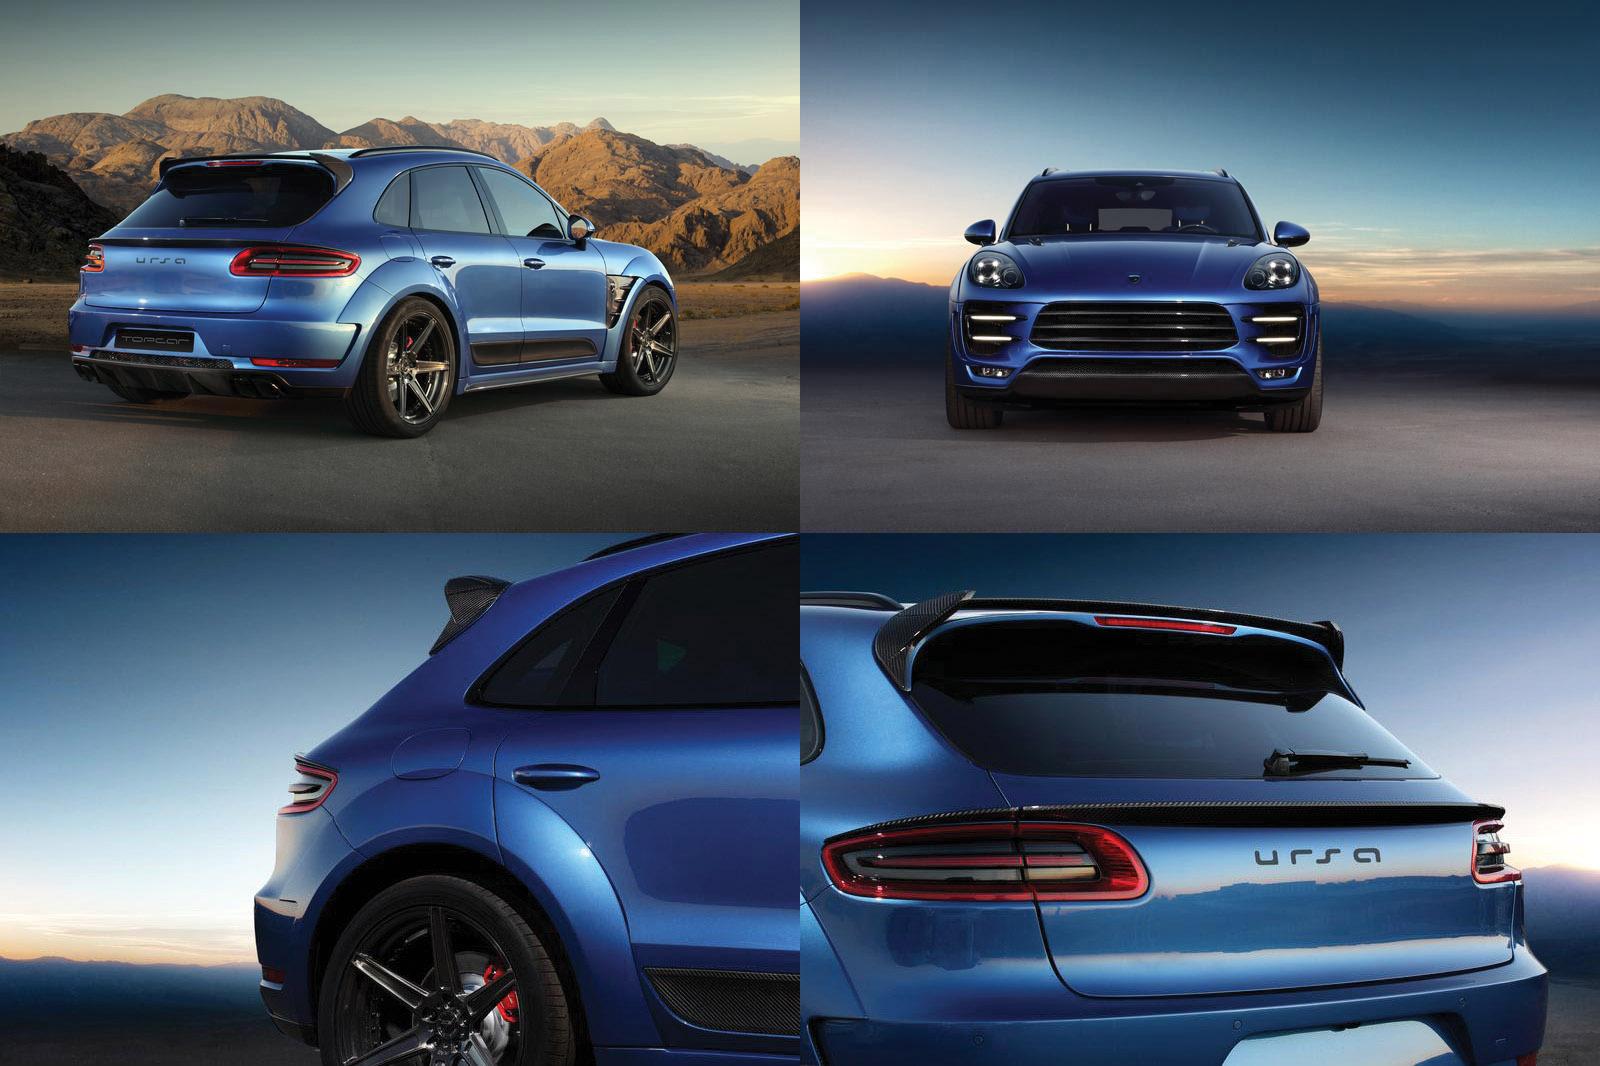 Top Car Porsche Macan Wide Body Kit